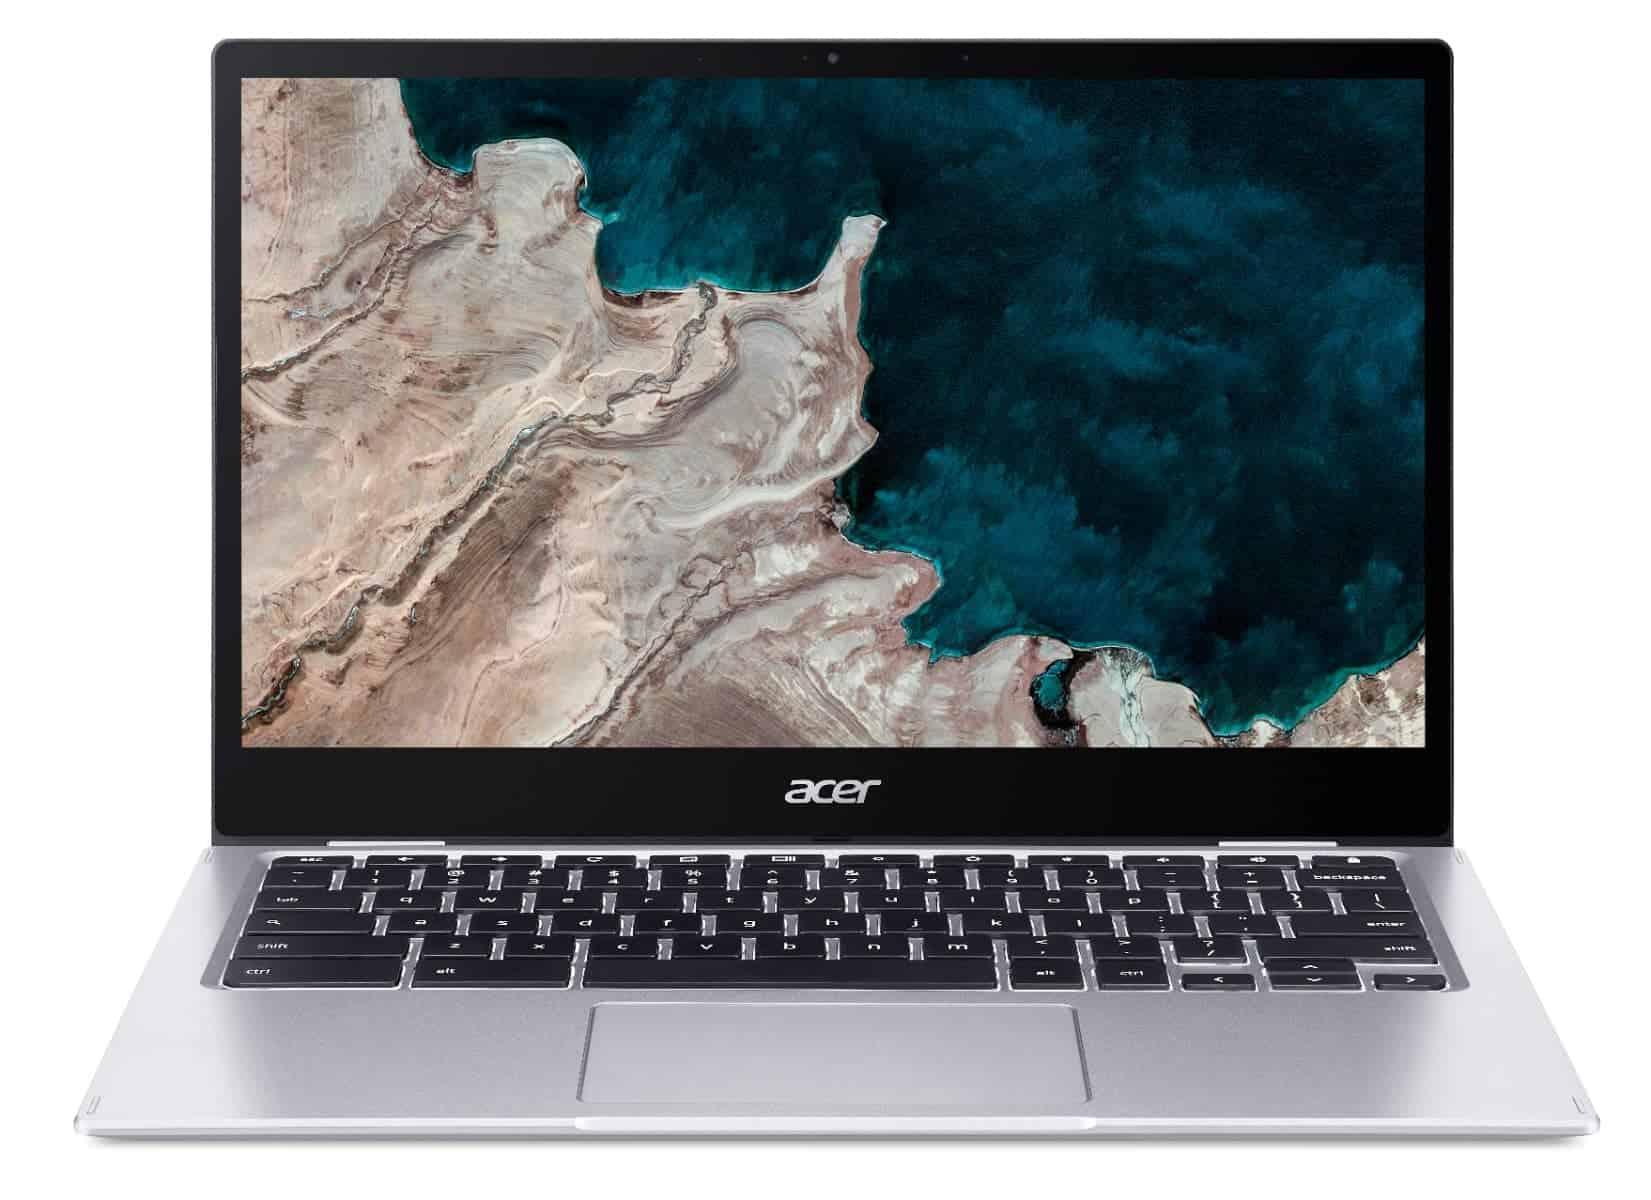 Acer Chromebook Spin 513 CP513 1H 1HL WP Backlit 01 light